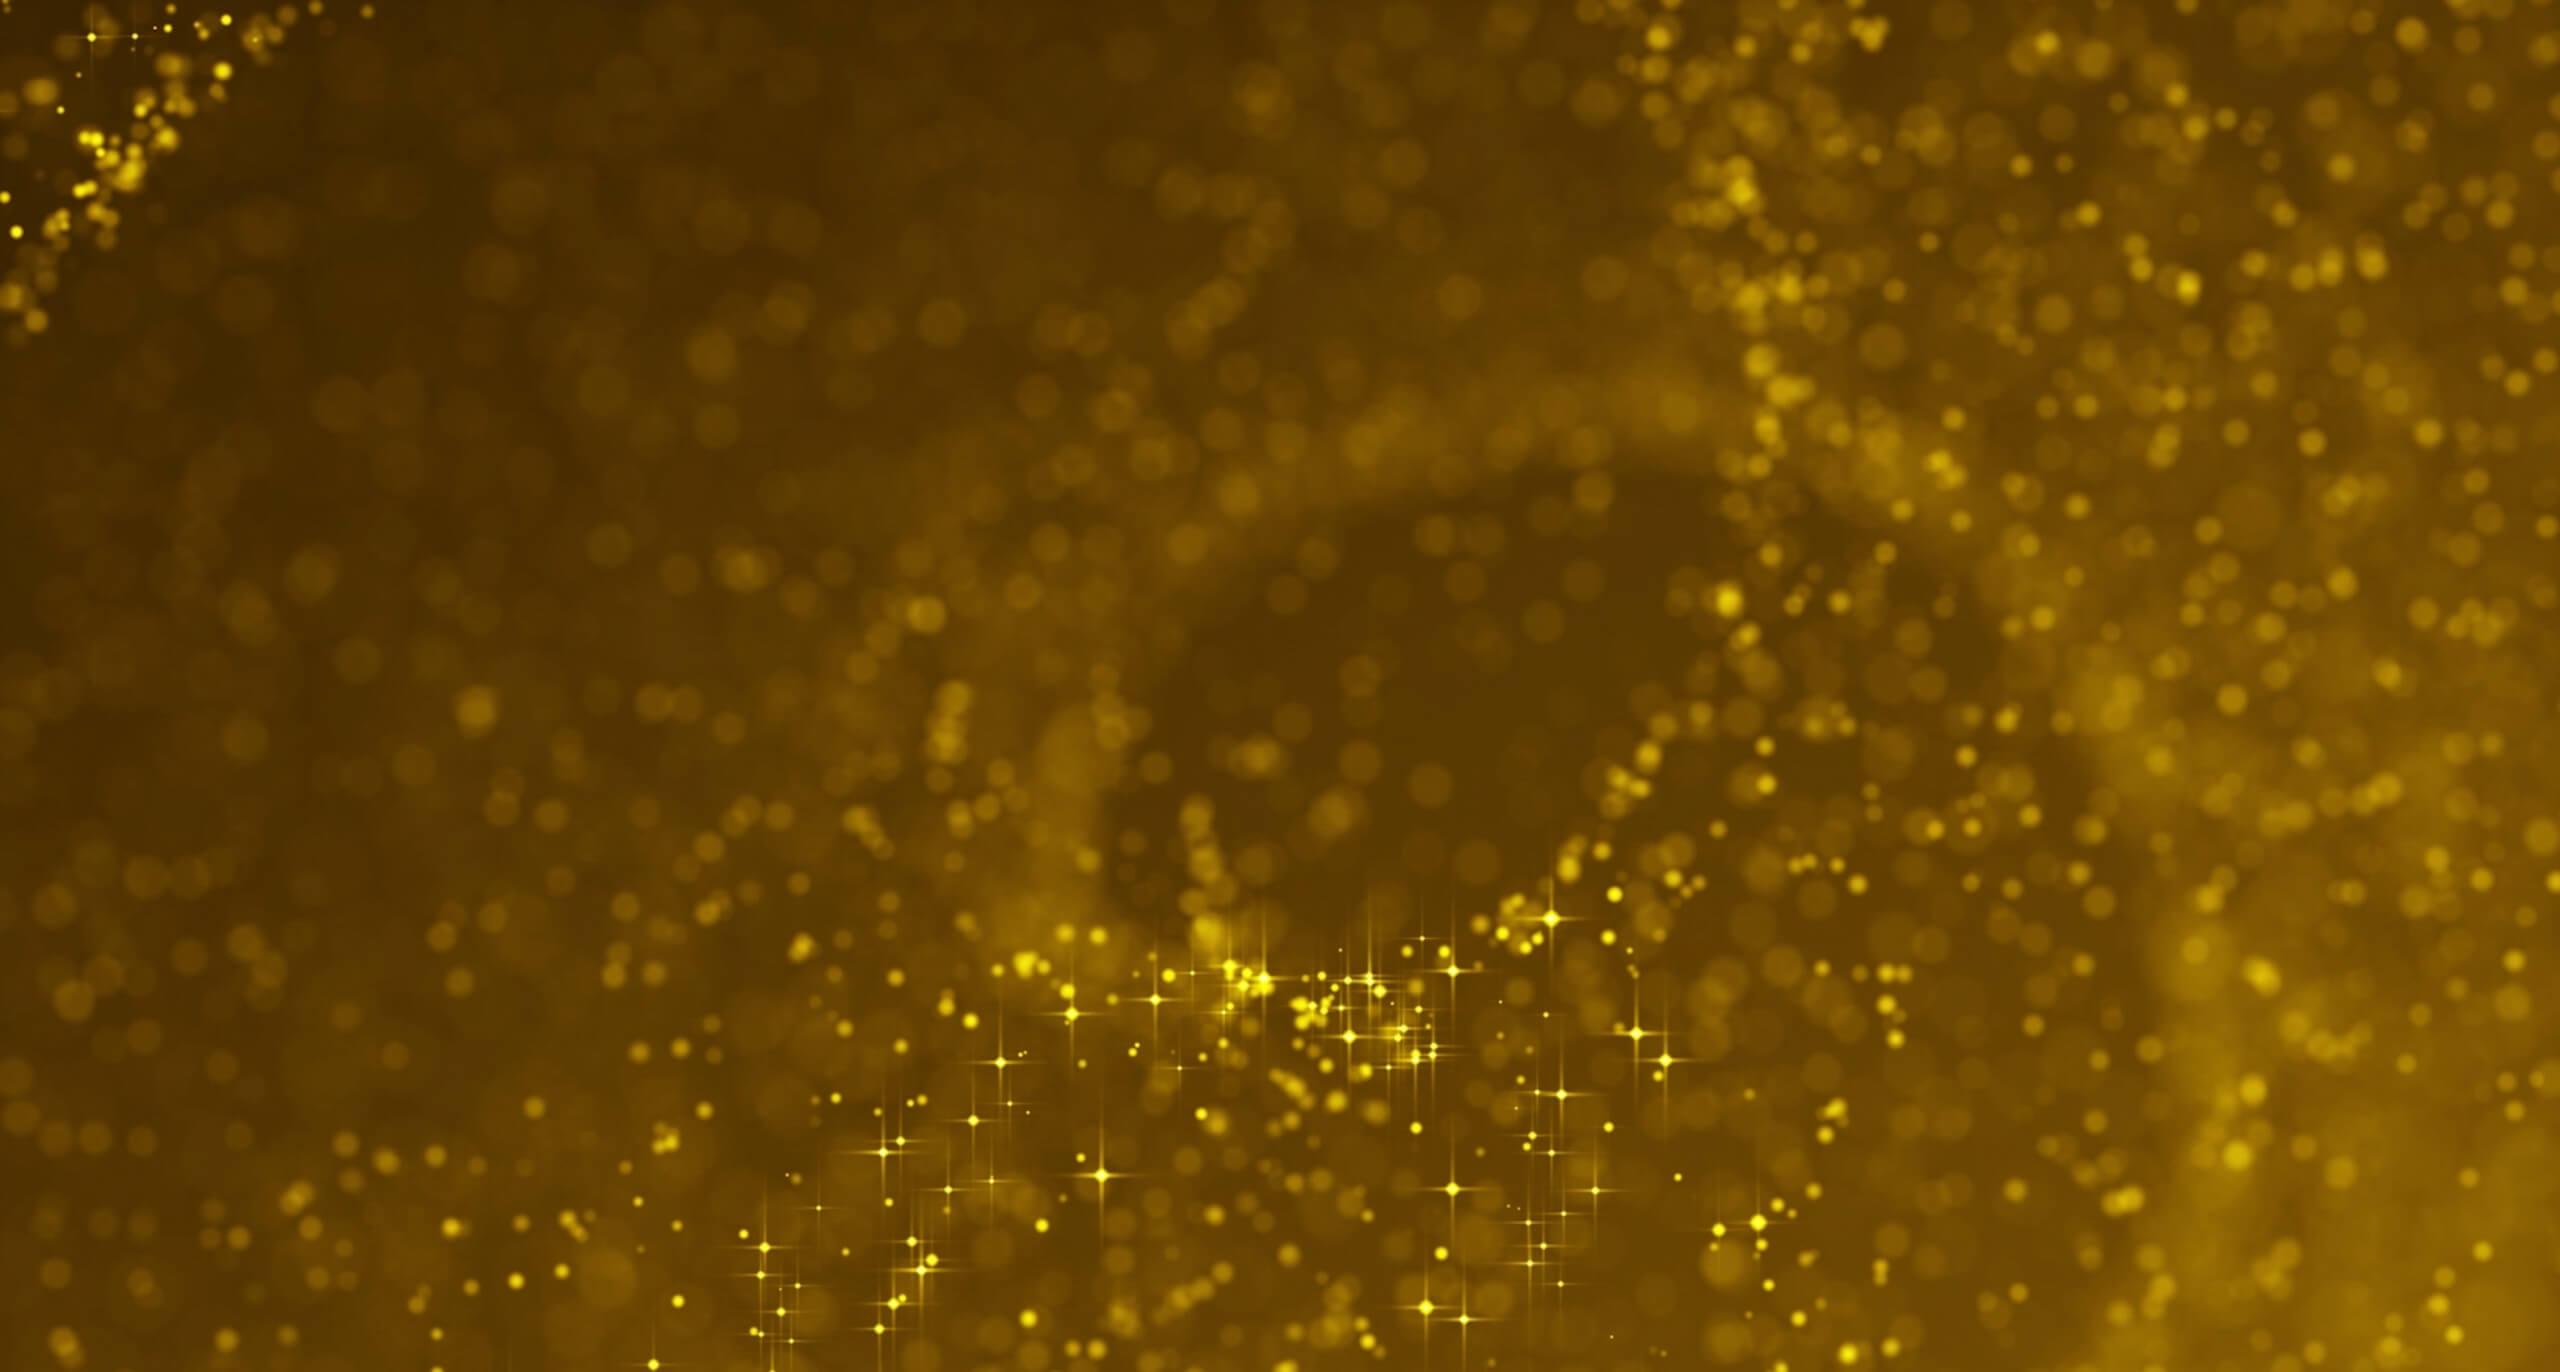 视频素材 9个高清大气金色粒子预告片背景素材 Golden Particles